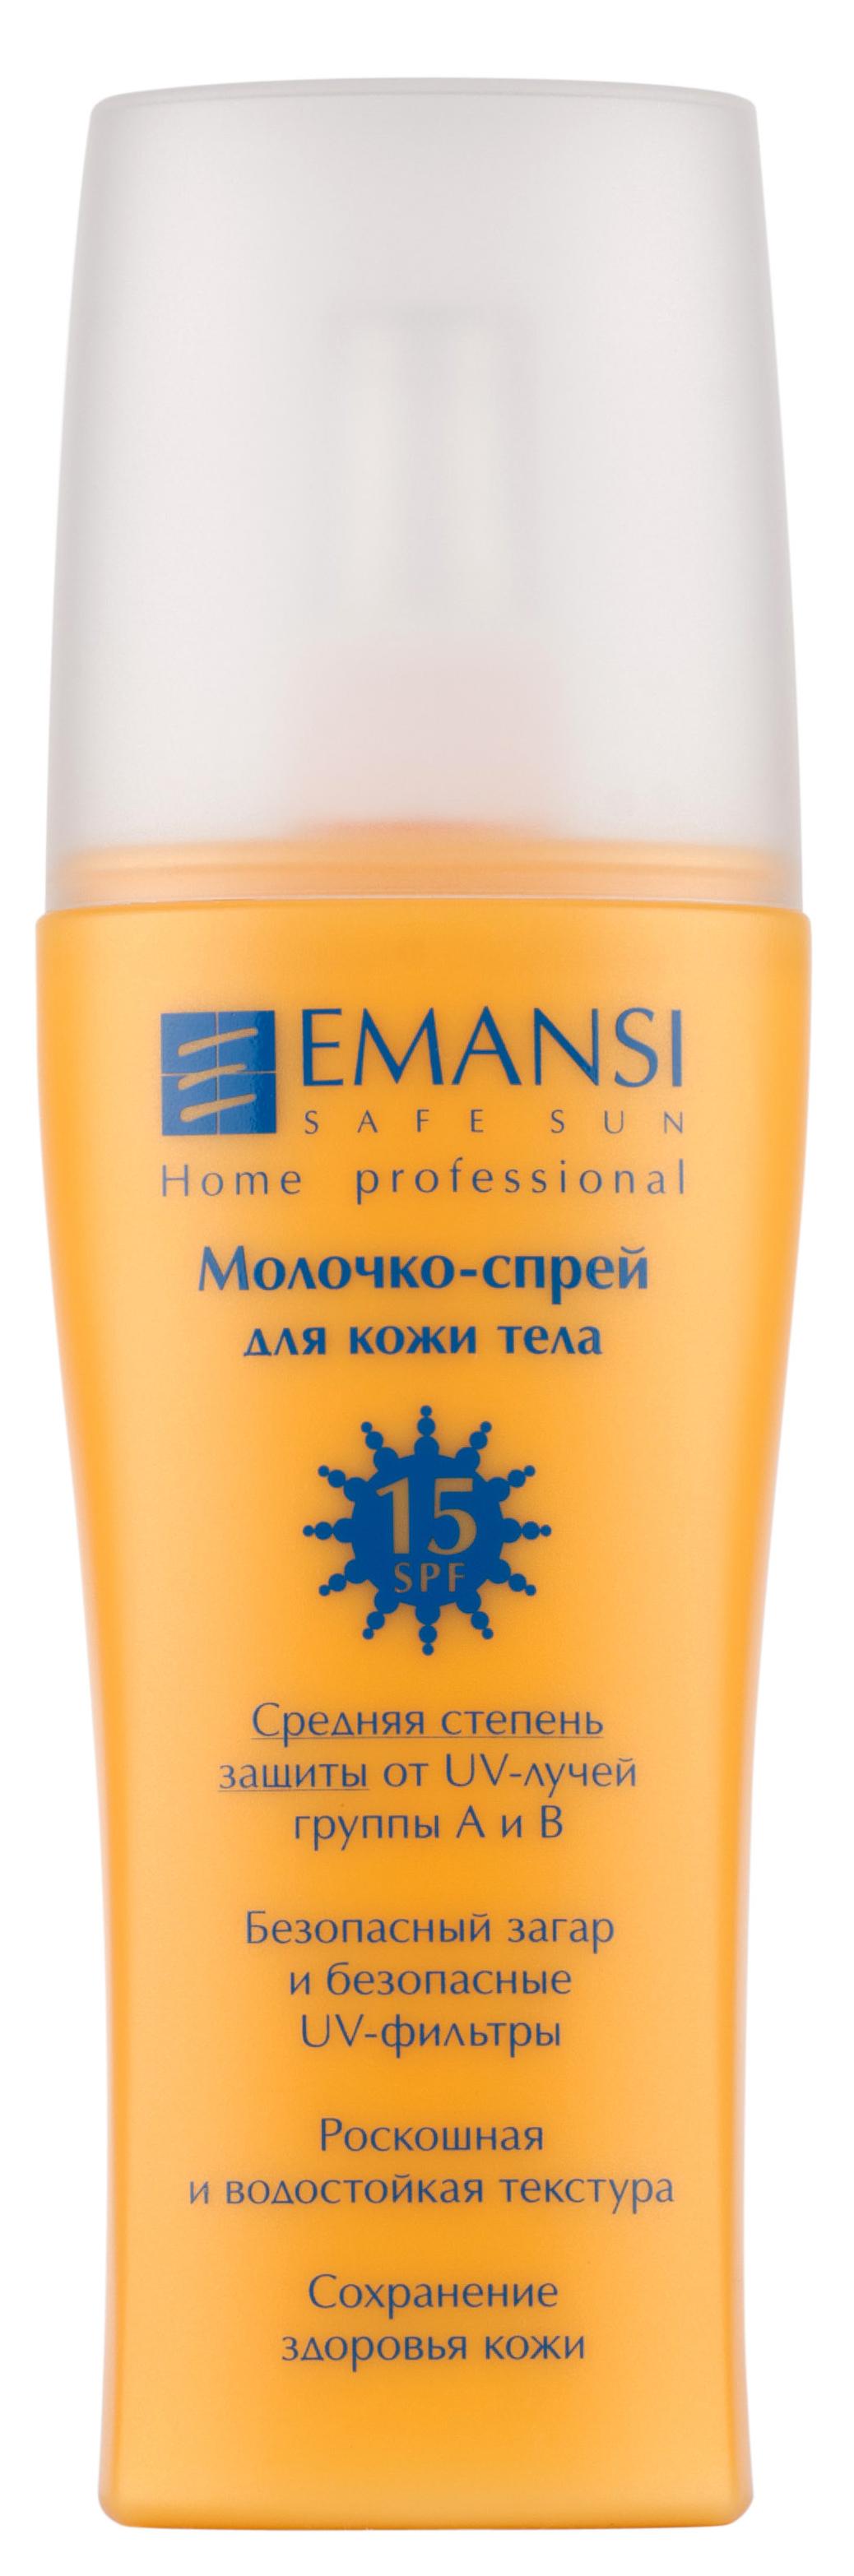 Emansi Молочко-спрей для кожи тела Safe sun SPF 15, 150 млFCC03- Средняя степень защиты от UV-лучей группы А и В - Безопасный загар и безопасные UV-фильтры - Роскошная и водостойкая текстура - Сохранение здоровья кожи - Защищает от UV-лучей группы А и В благодаря использованию безопасных UV-фильтров - Устойчиво к действию воды и пота - Подходит для любой, в том числе и чувствительной кожи